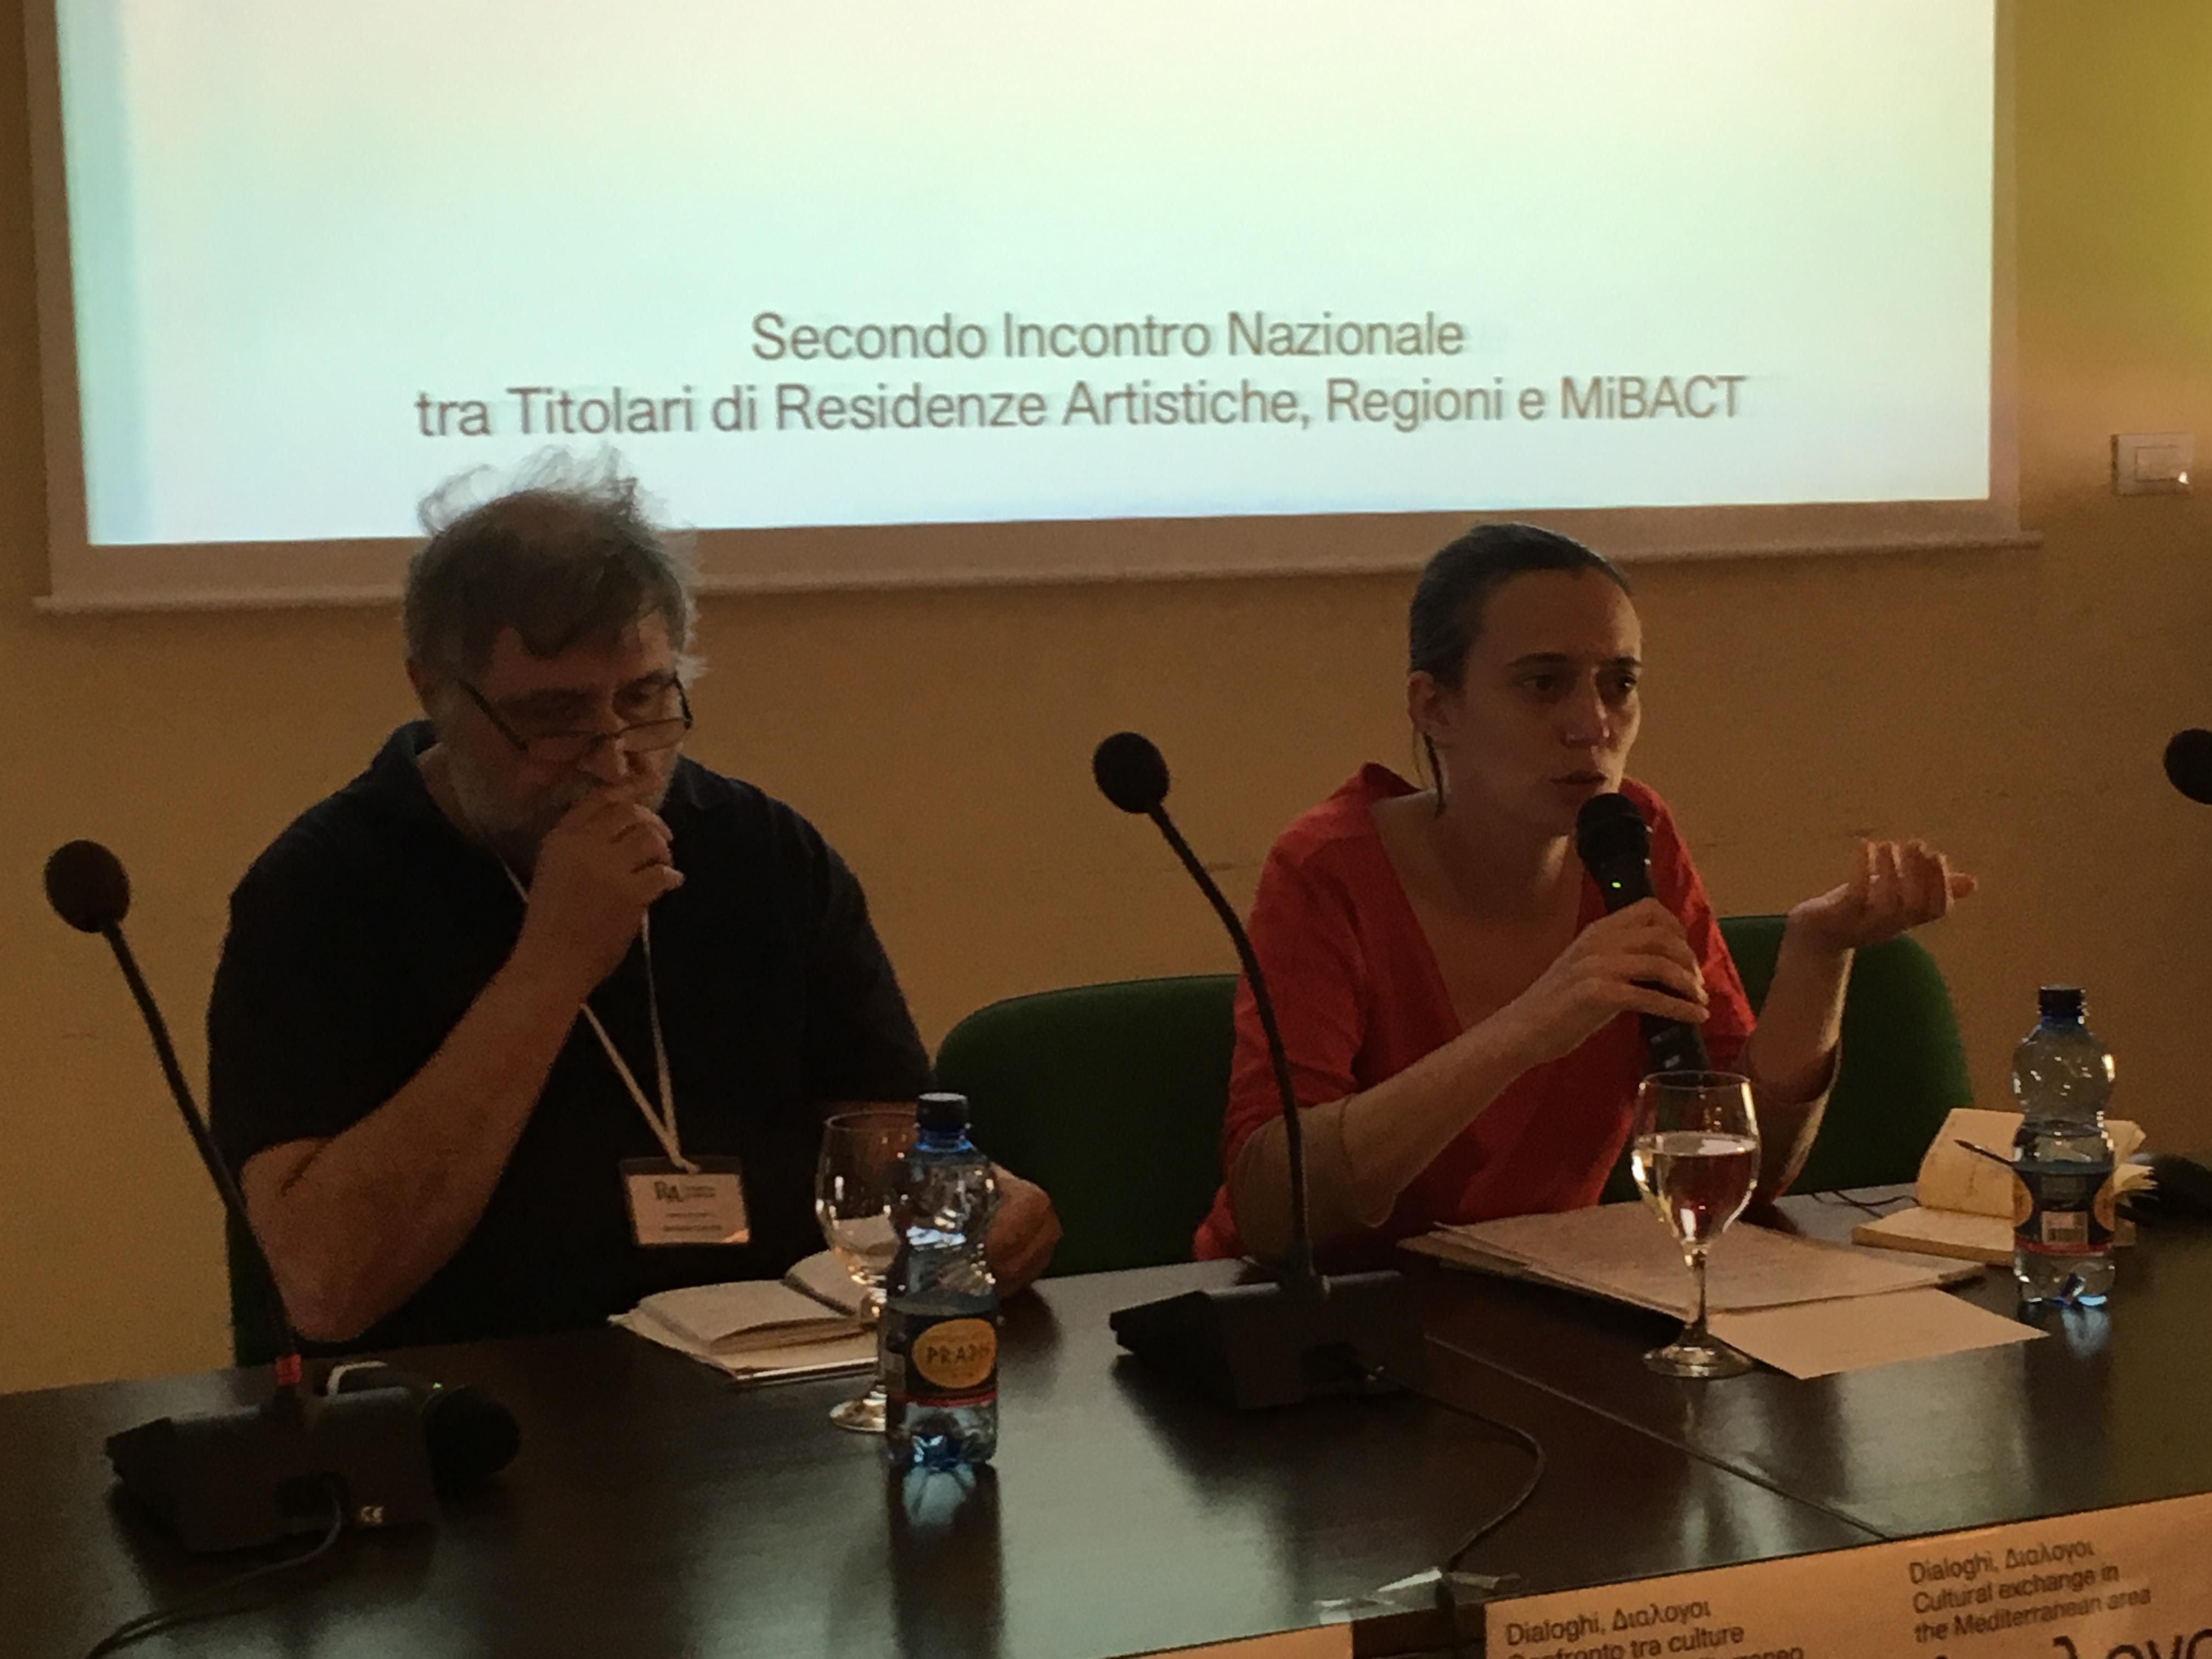 Secondo Incontro Nazionale tra Titolari di Residenze Artistiche, Regioni e MIBACT